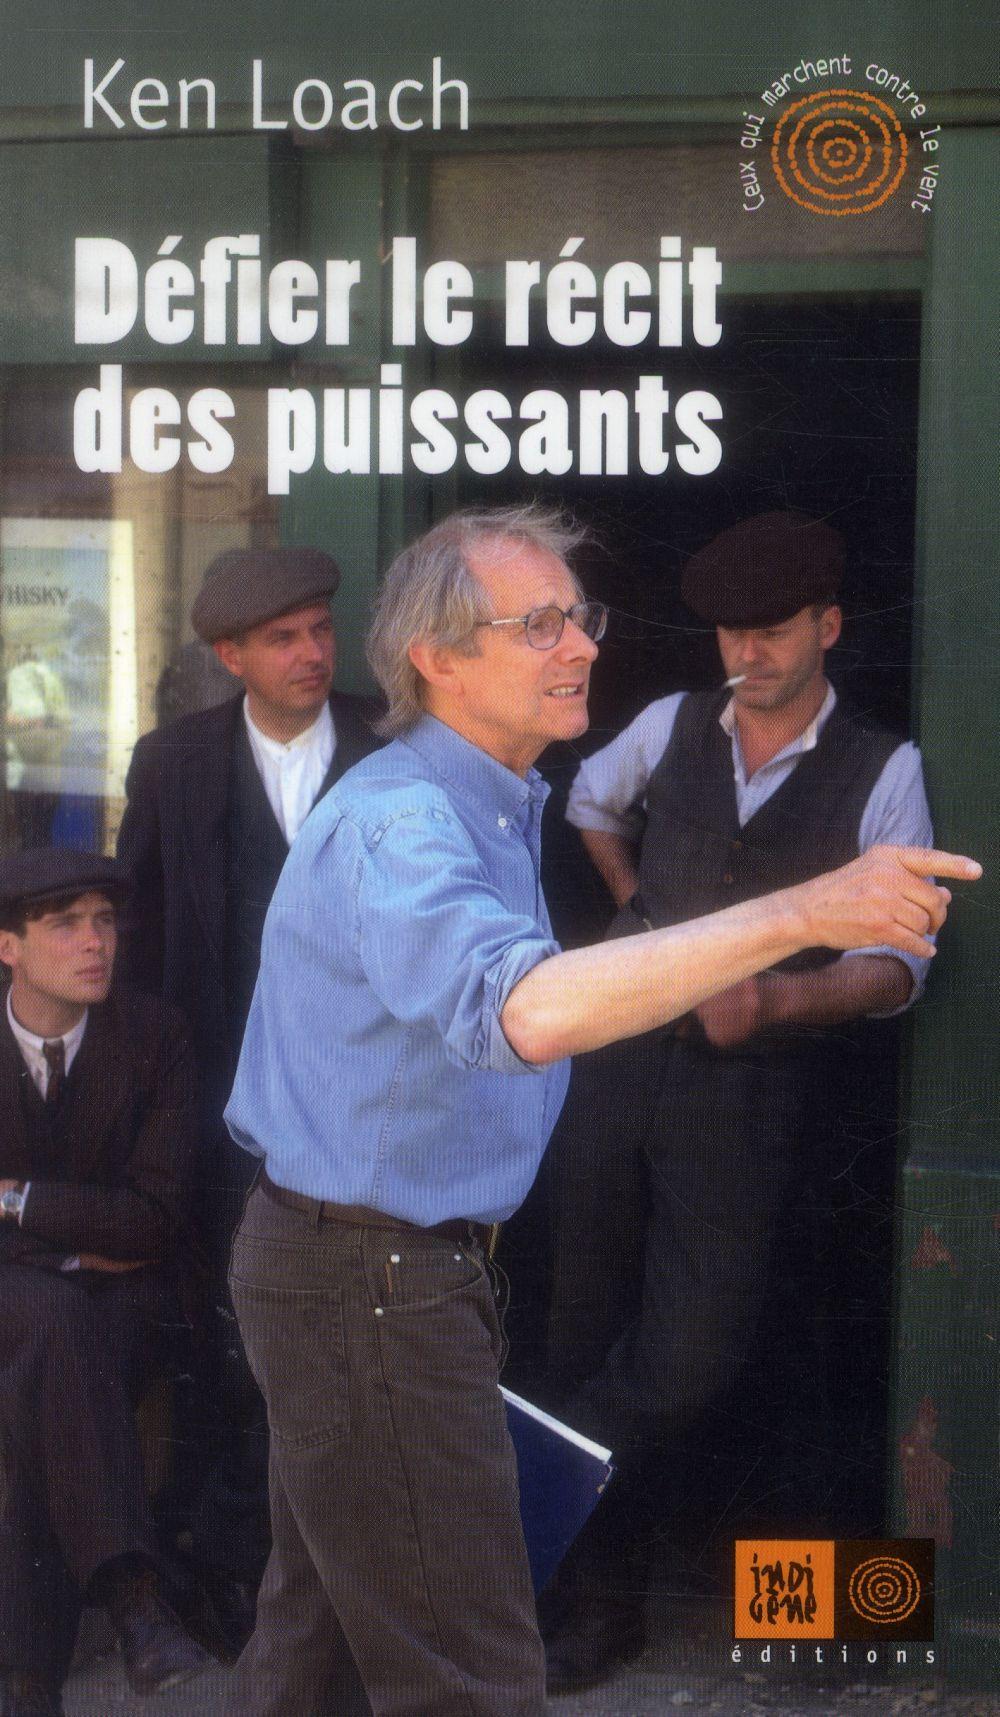 DEFIER LE RECIT DES PUISSANTS